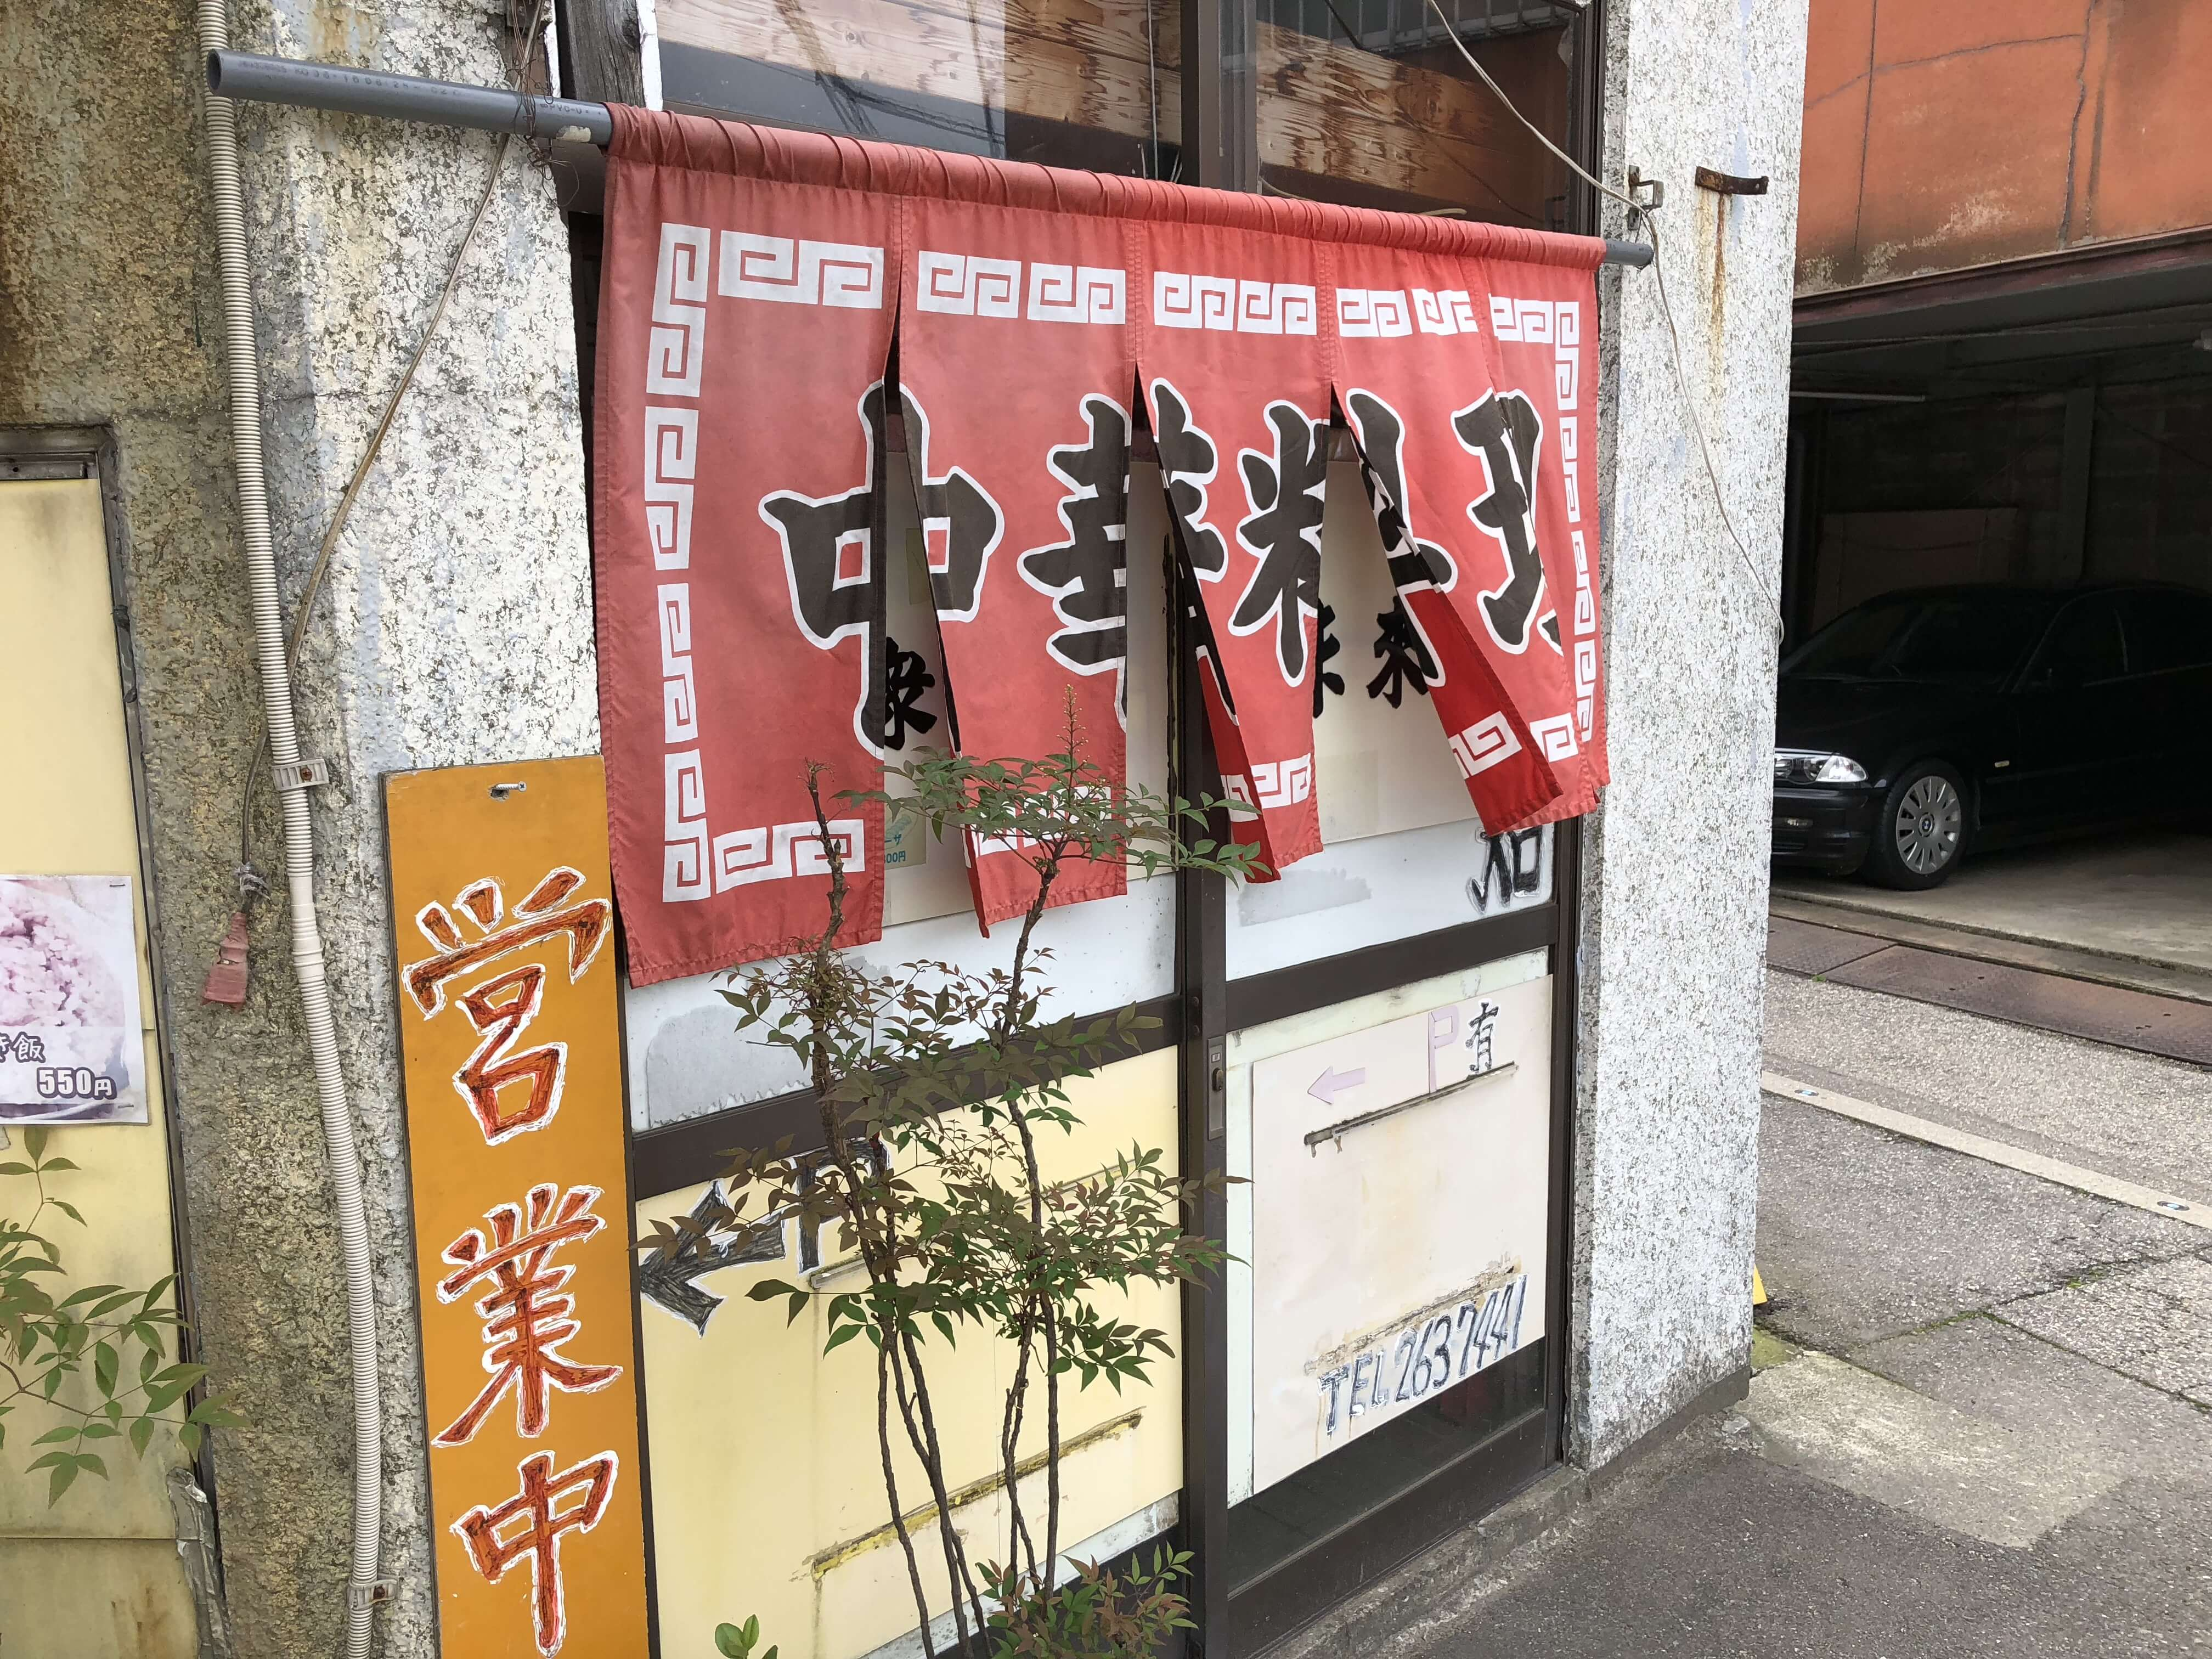 『 味来軒 』これぞ小立野B級グルメ !! リーズナブルにお腹いっぱい!!